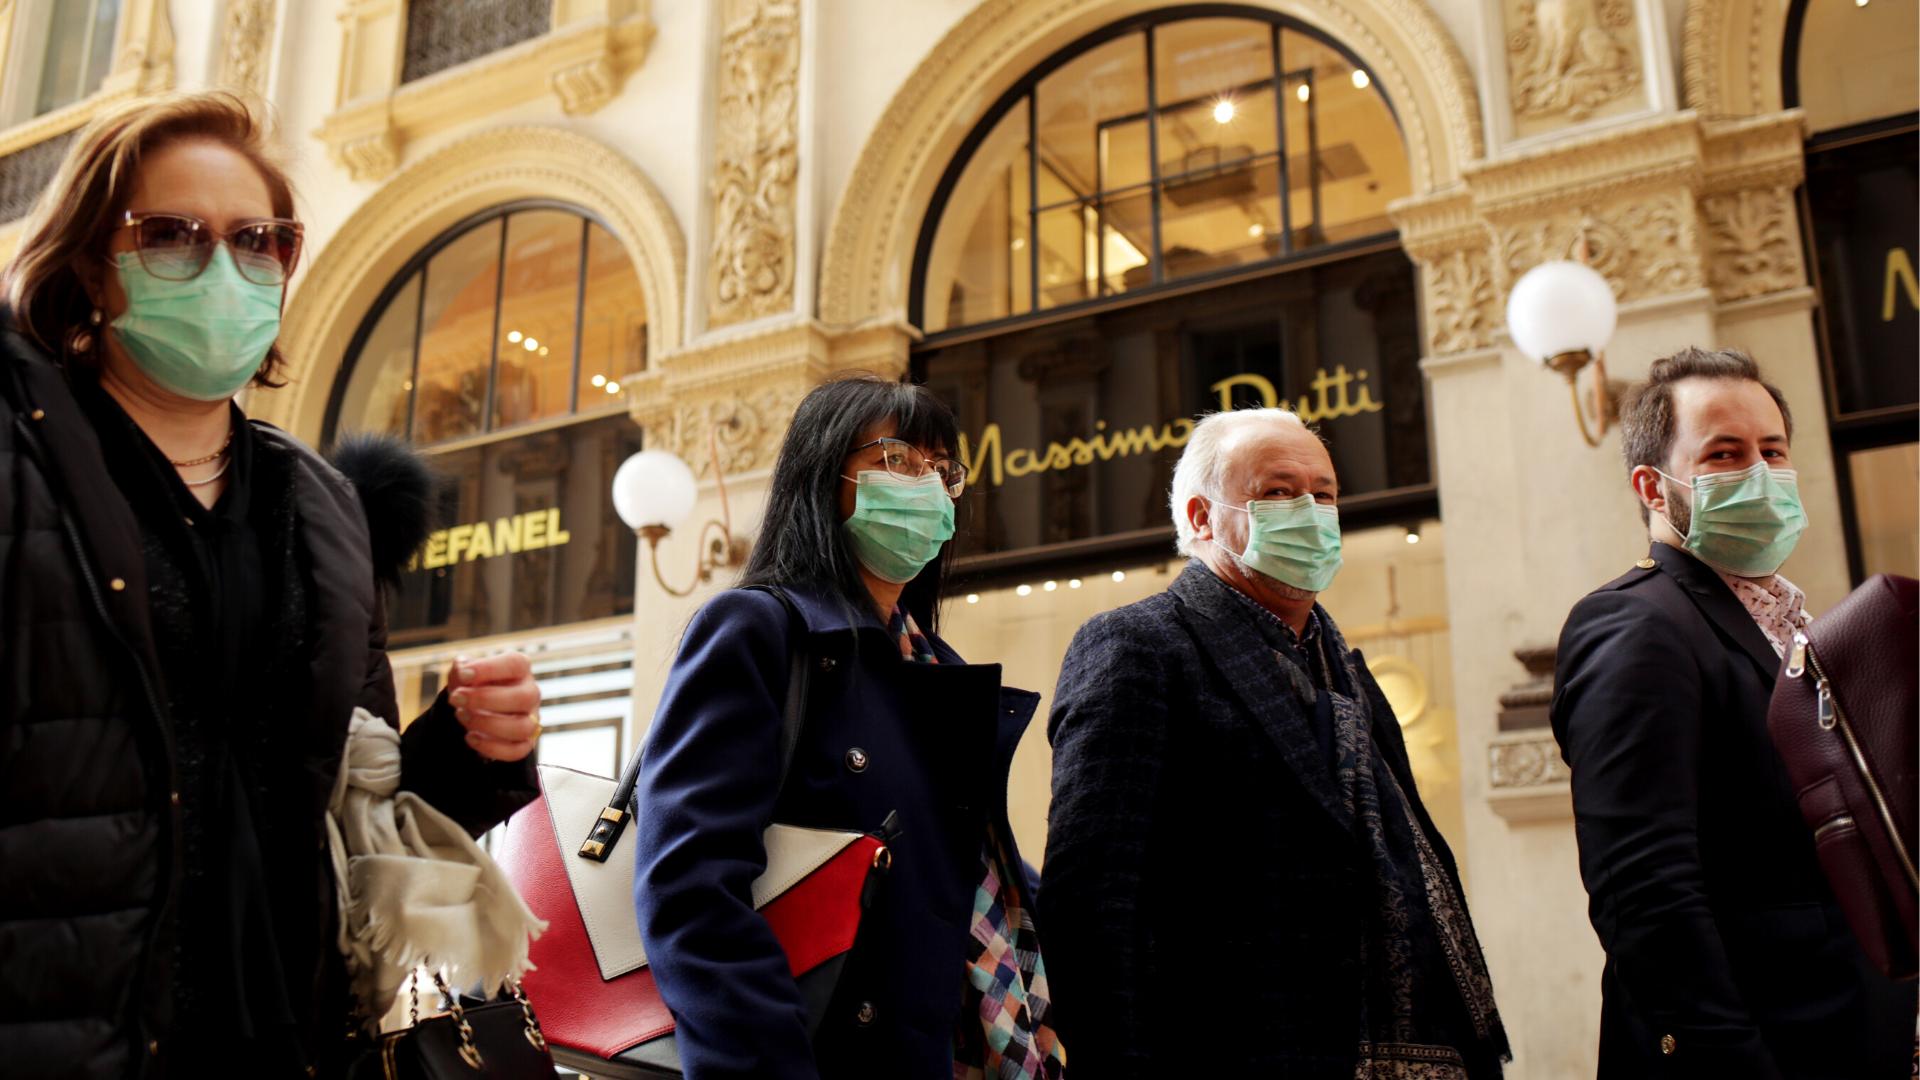 Three Ways Coronavirus Is Impacting Retail